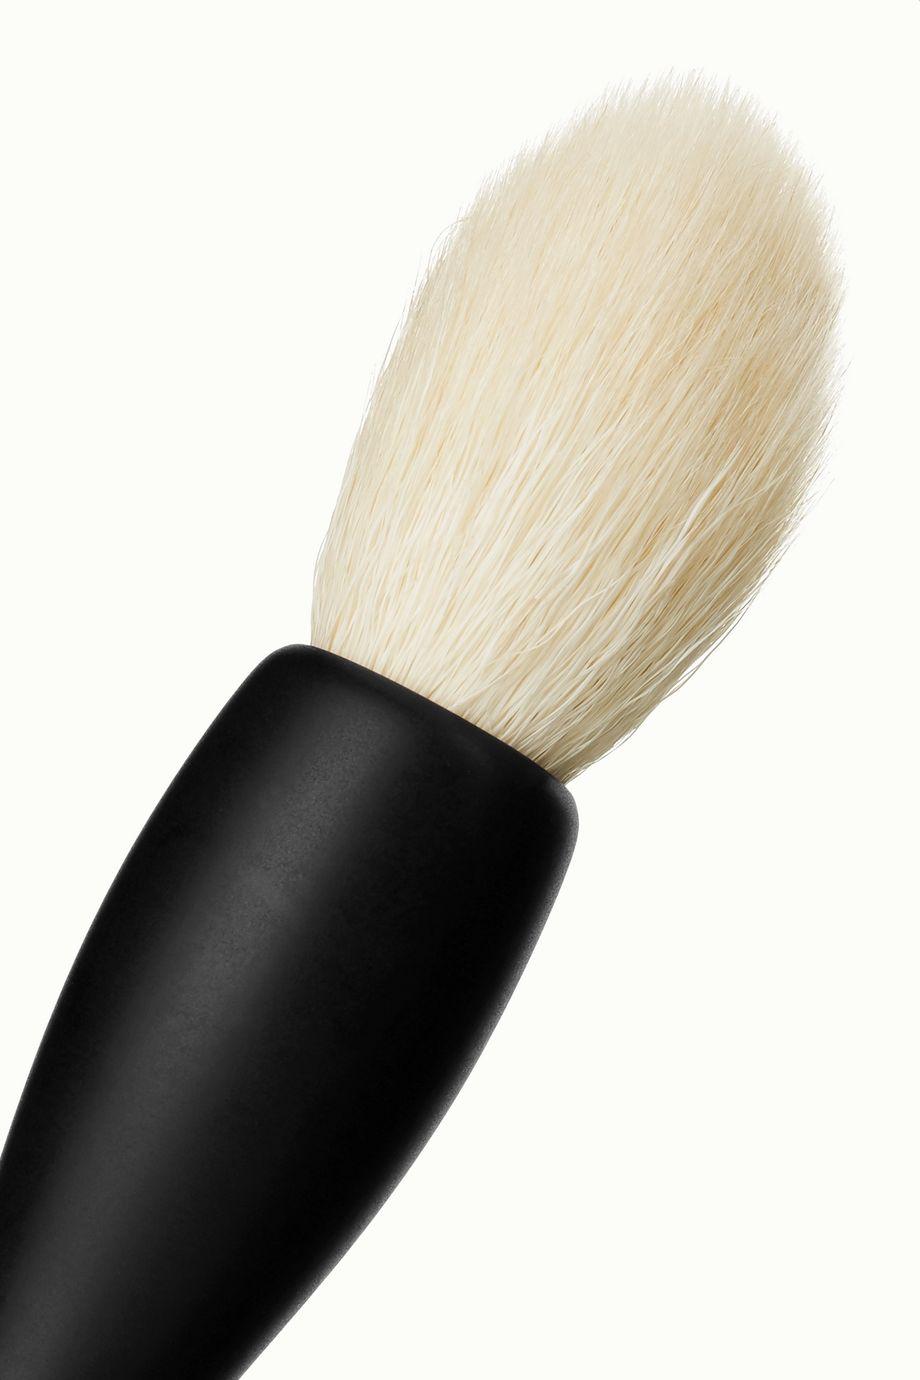 Rae Morris Jishaku 2 Mini Kabuki Brush